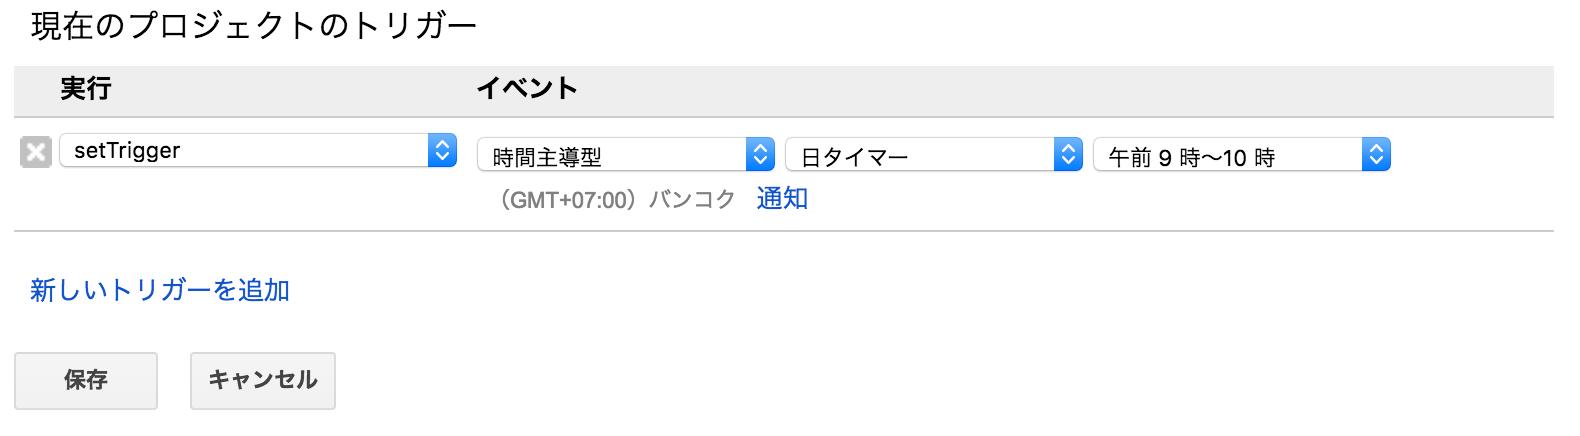 スクリーンショット 2018-09-30 23.43.22.png